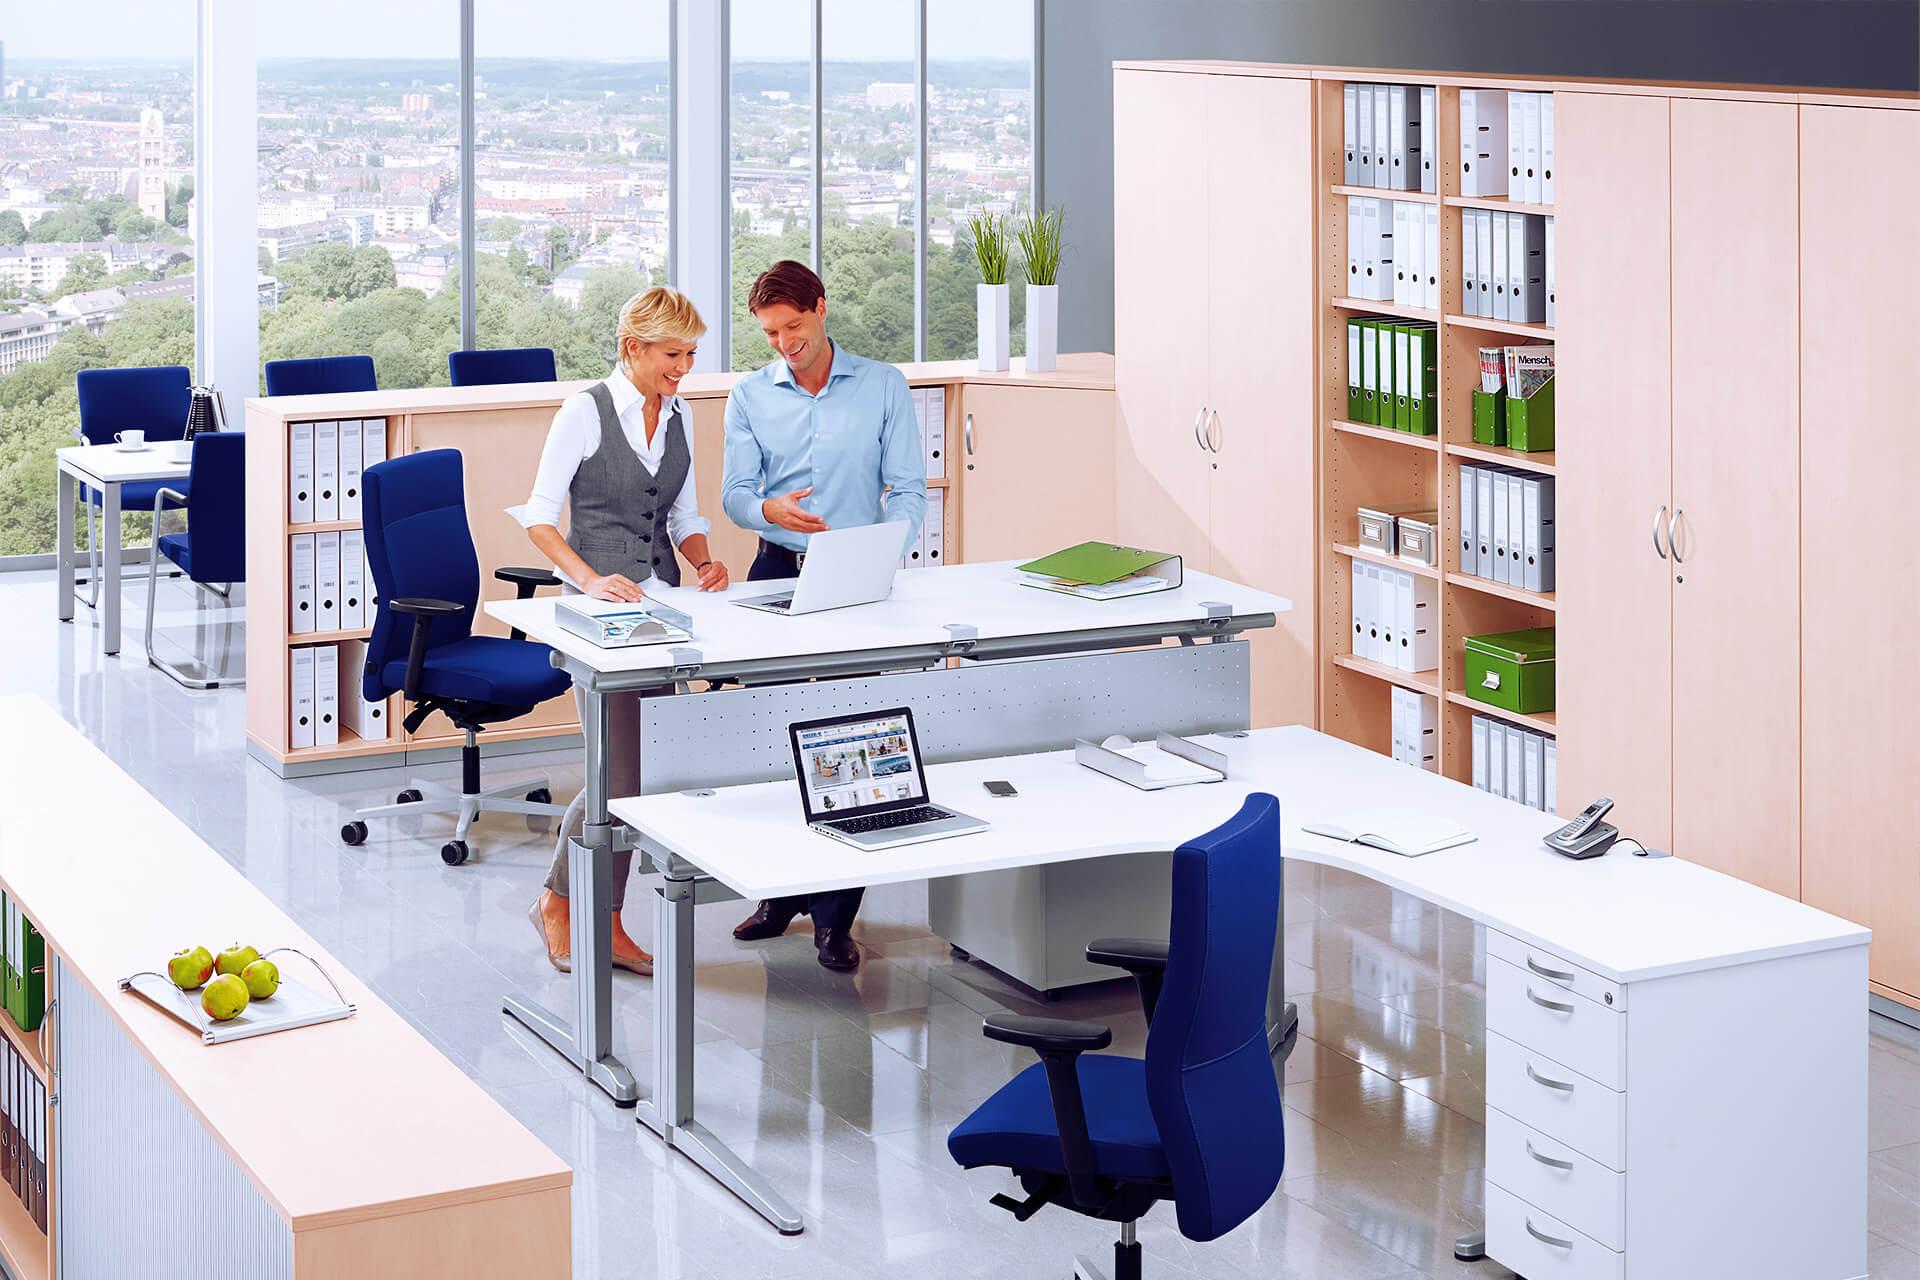 Helle Büroszene mit Tisch von DELTA-V   eggheads.net